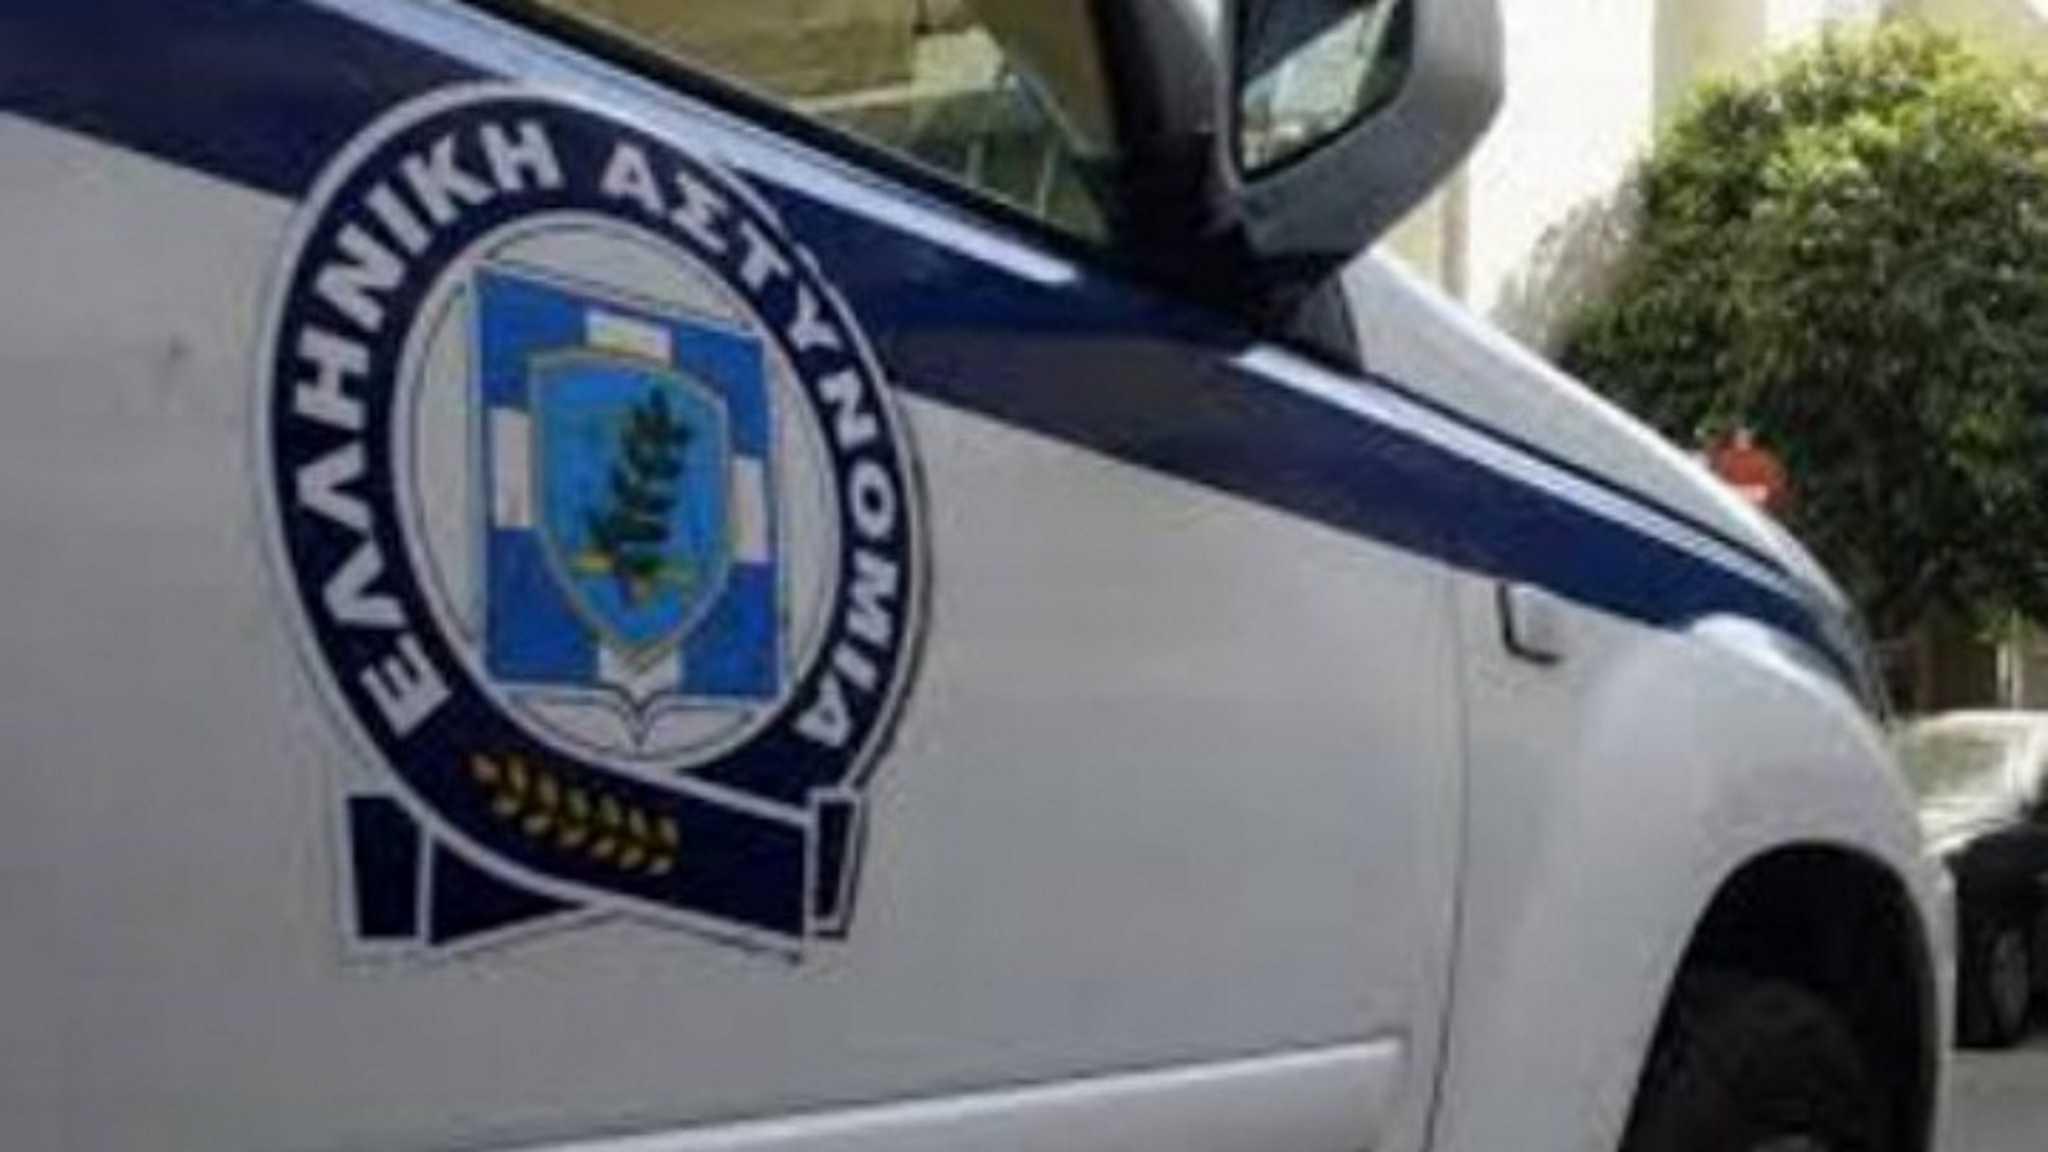 Αχαρνές: «Τσάκωσαν» 35χρονο για σειρά από ένοπλες ληστείες